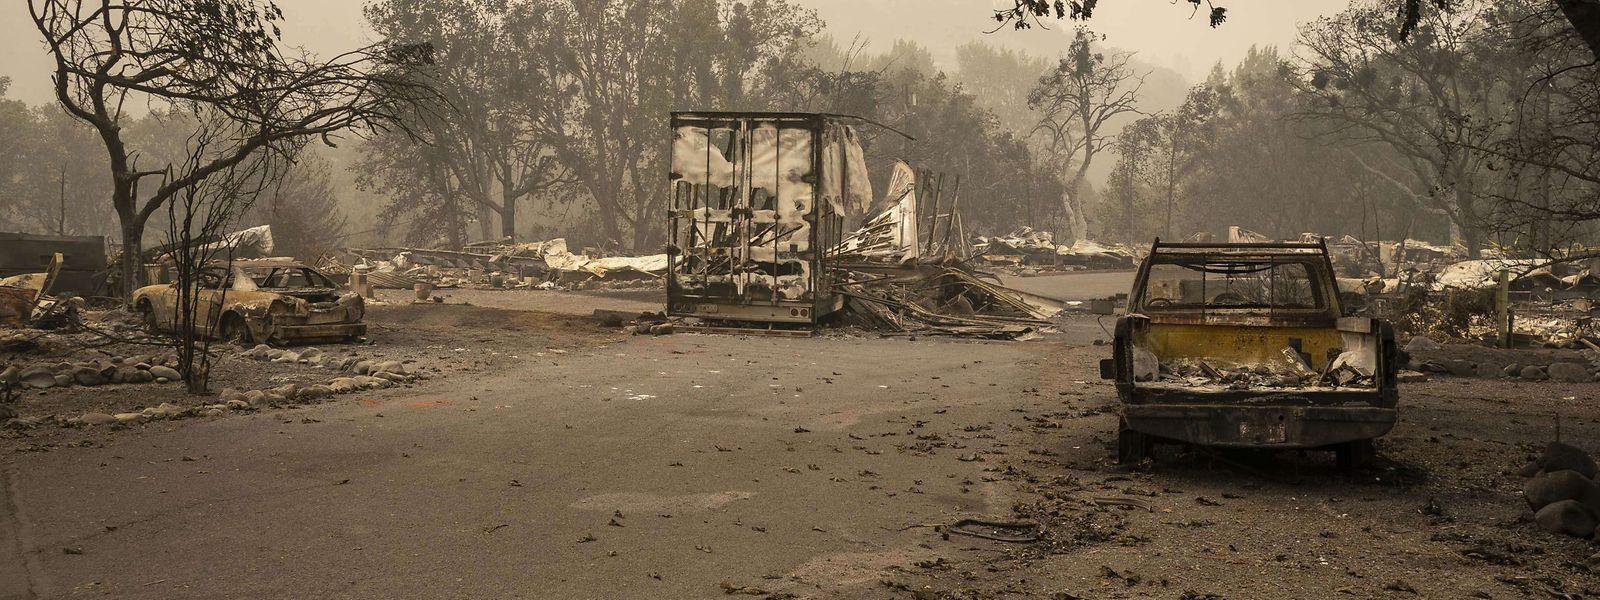 Eine Wohnsiedlung in Ashland (Oregon) wurde durch einen Waldbrand komplett zerstört.